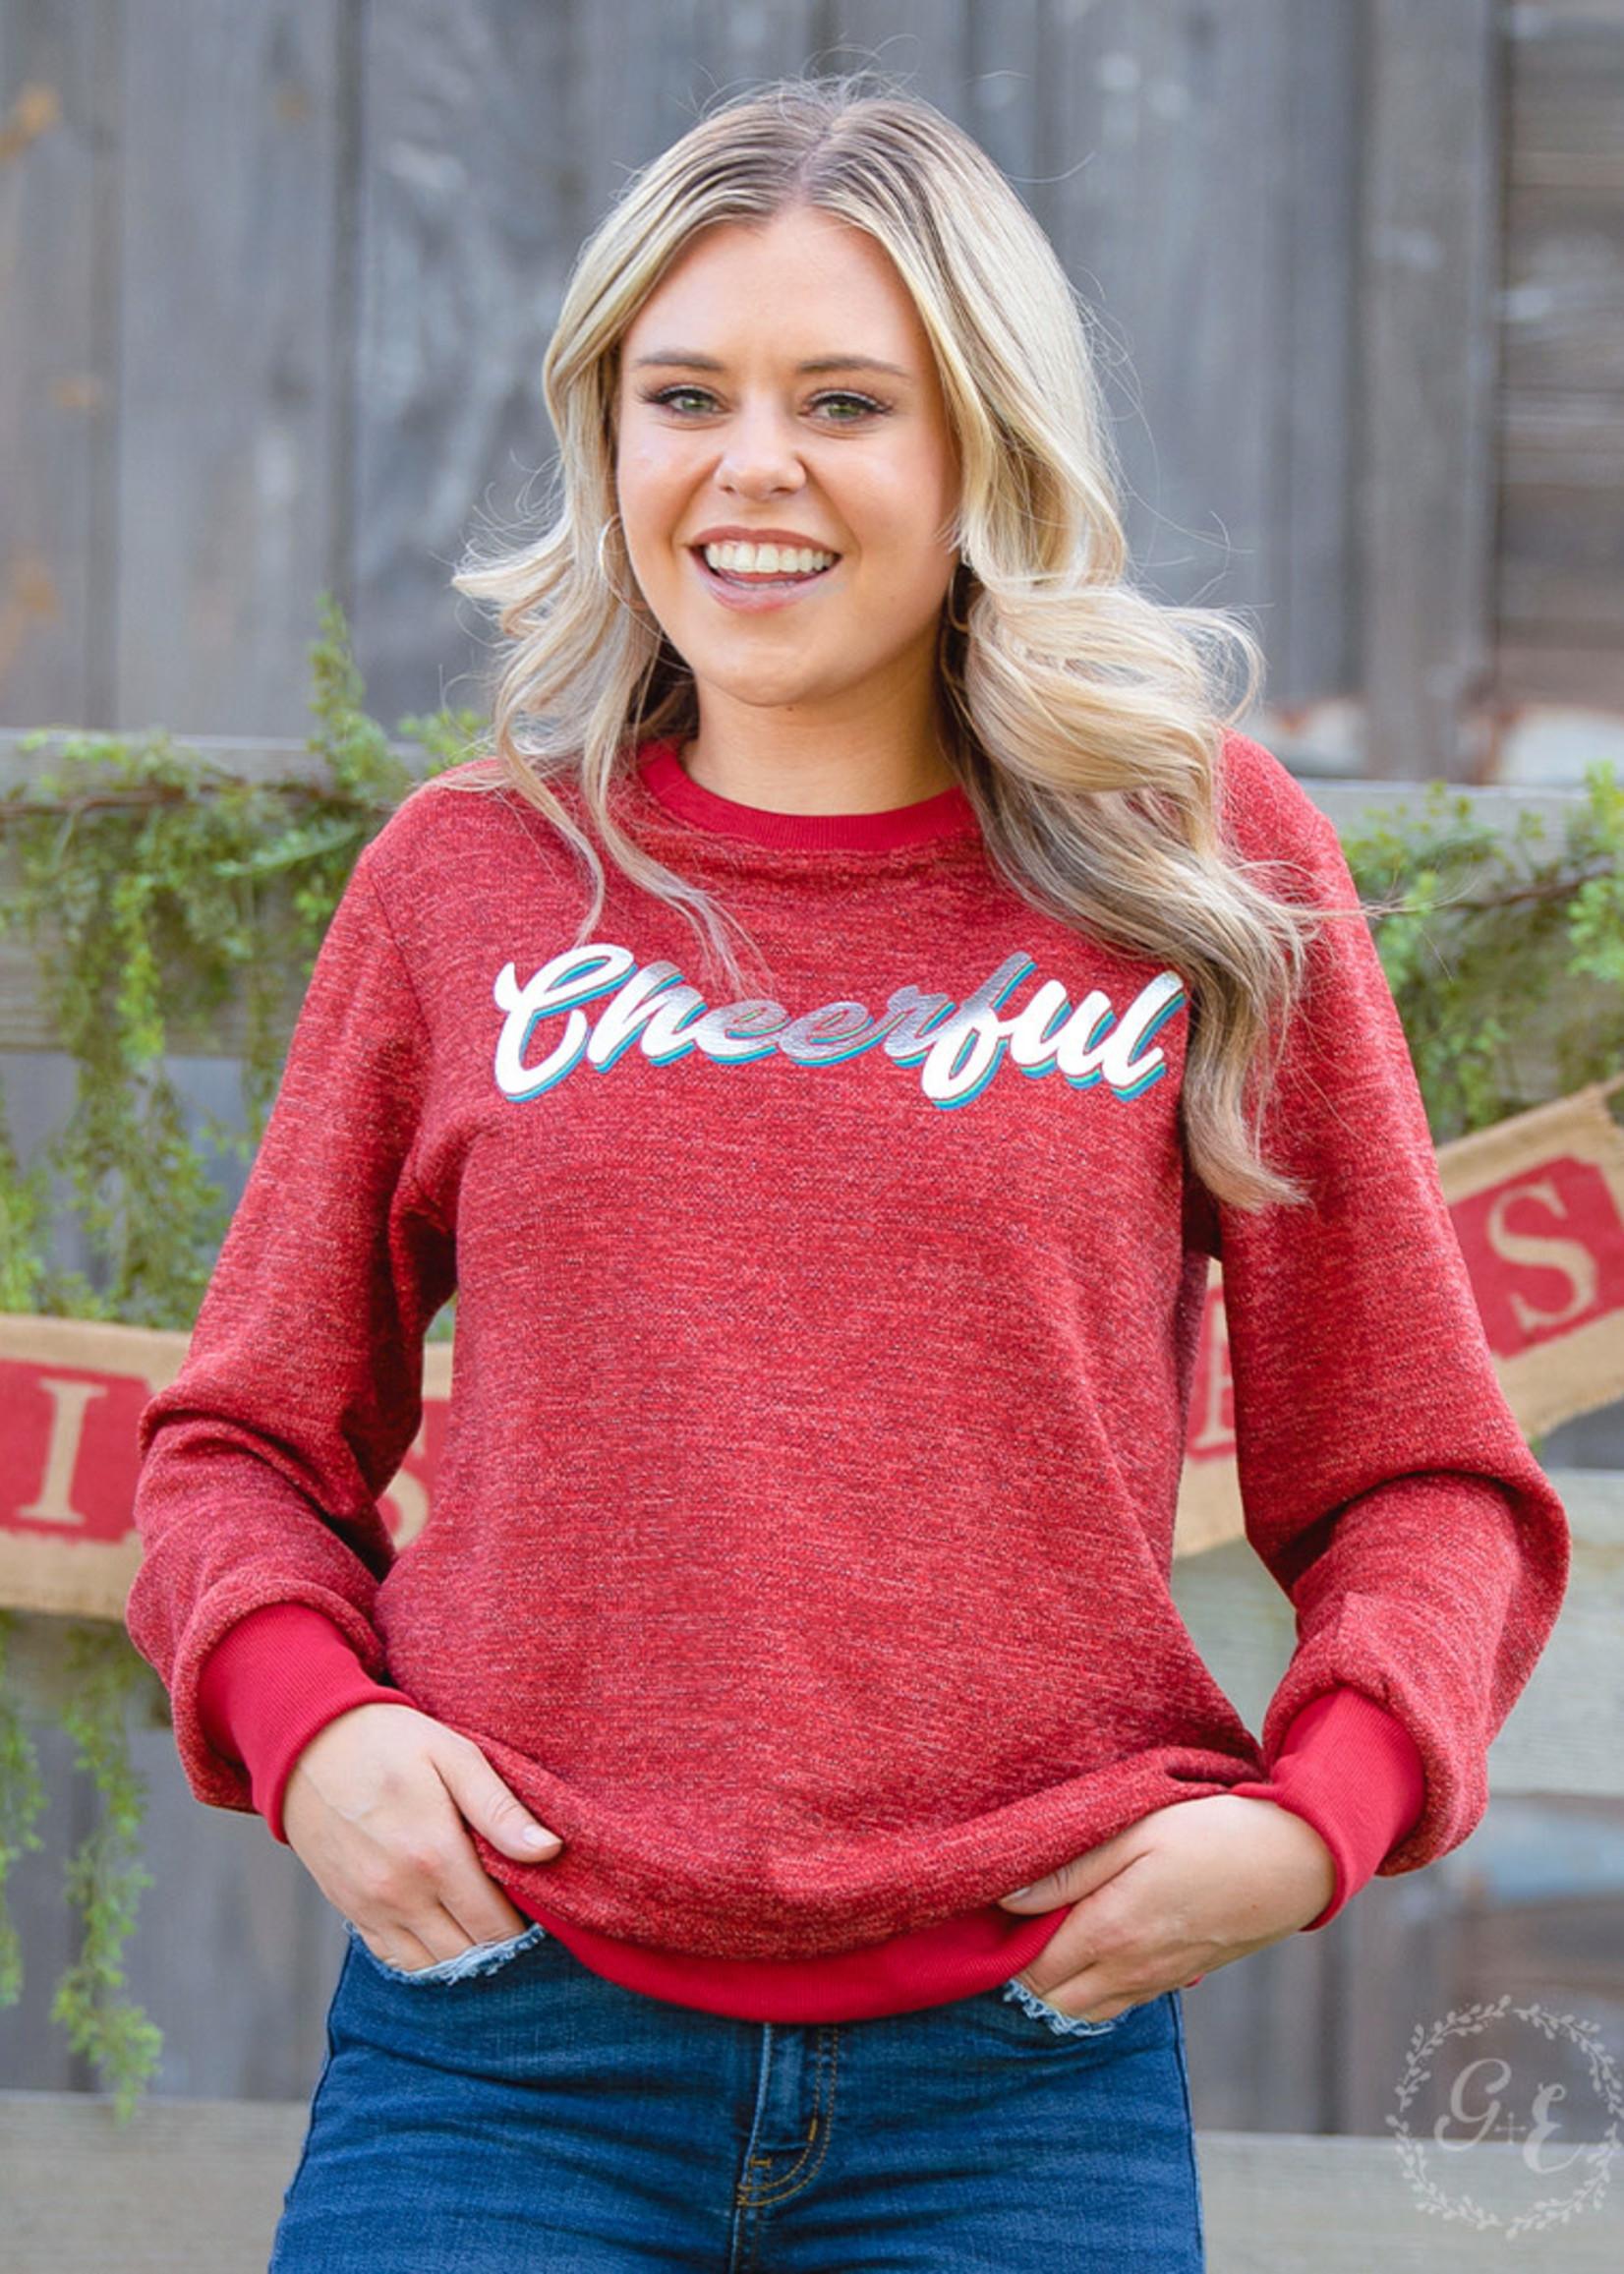 Cheerful Glitter Sweatshirt